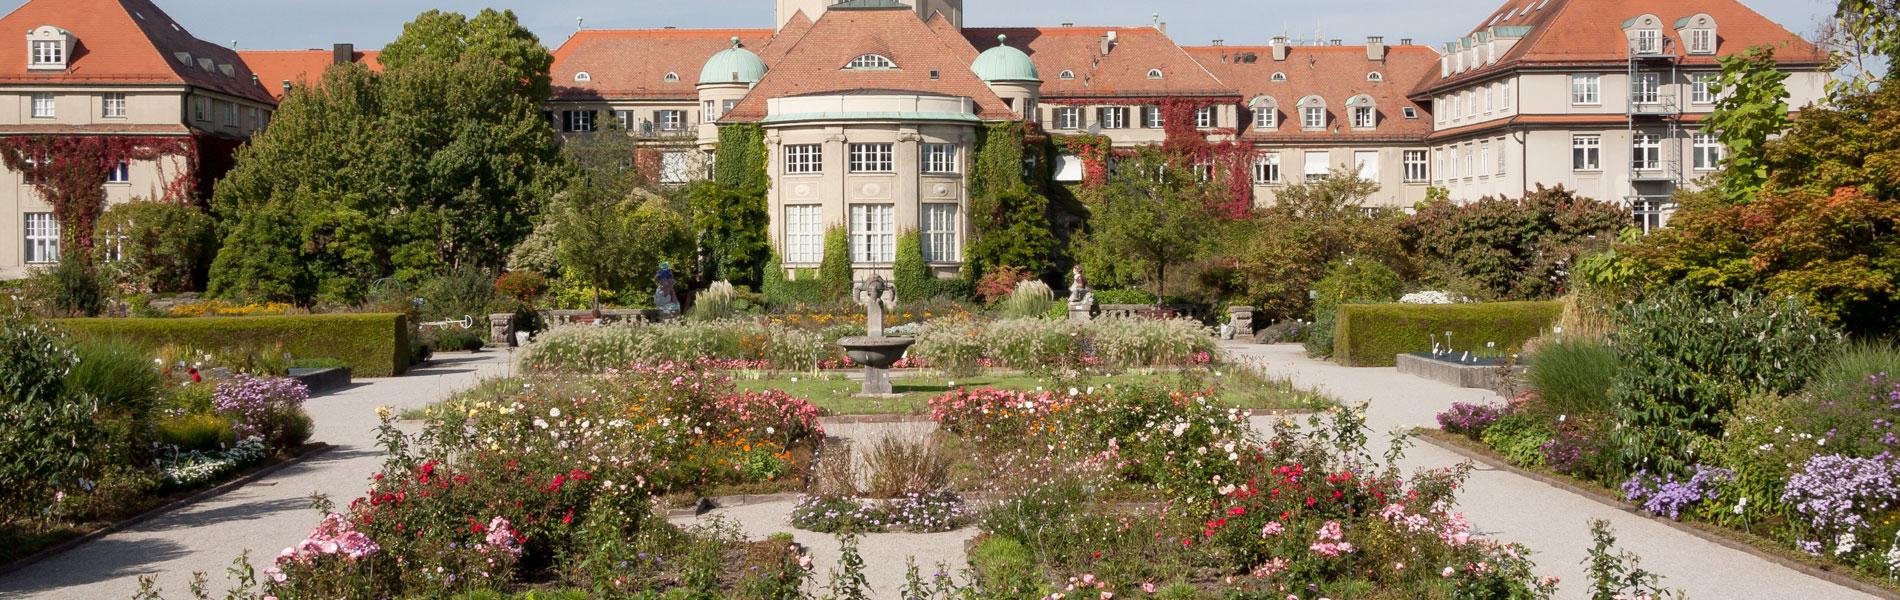 Il Giardino O Orto Botanico Hortus Botanicus